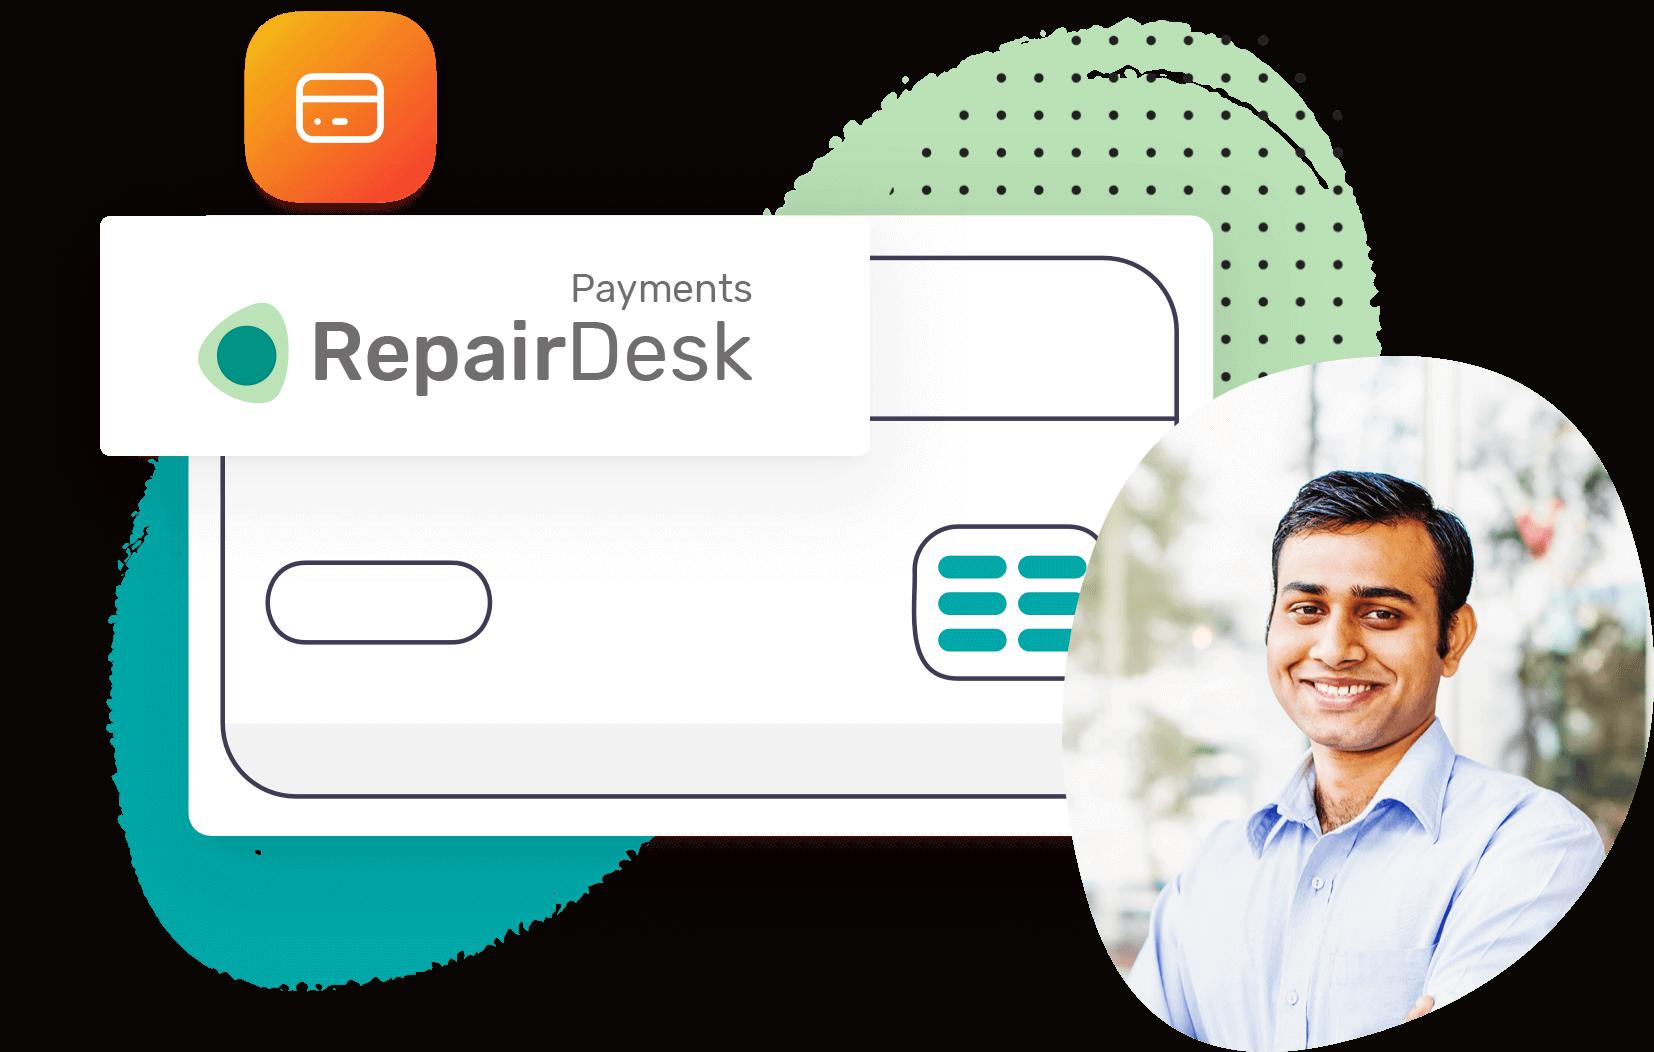 RepairDesk Payments